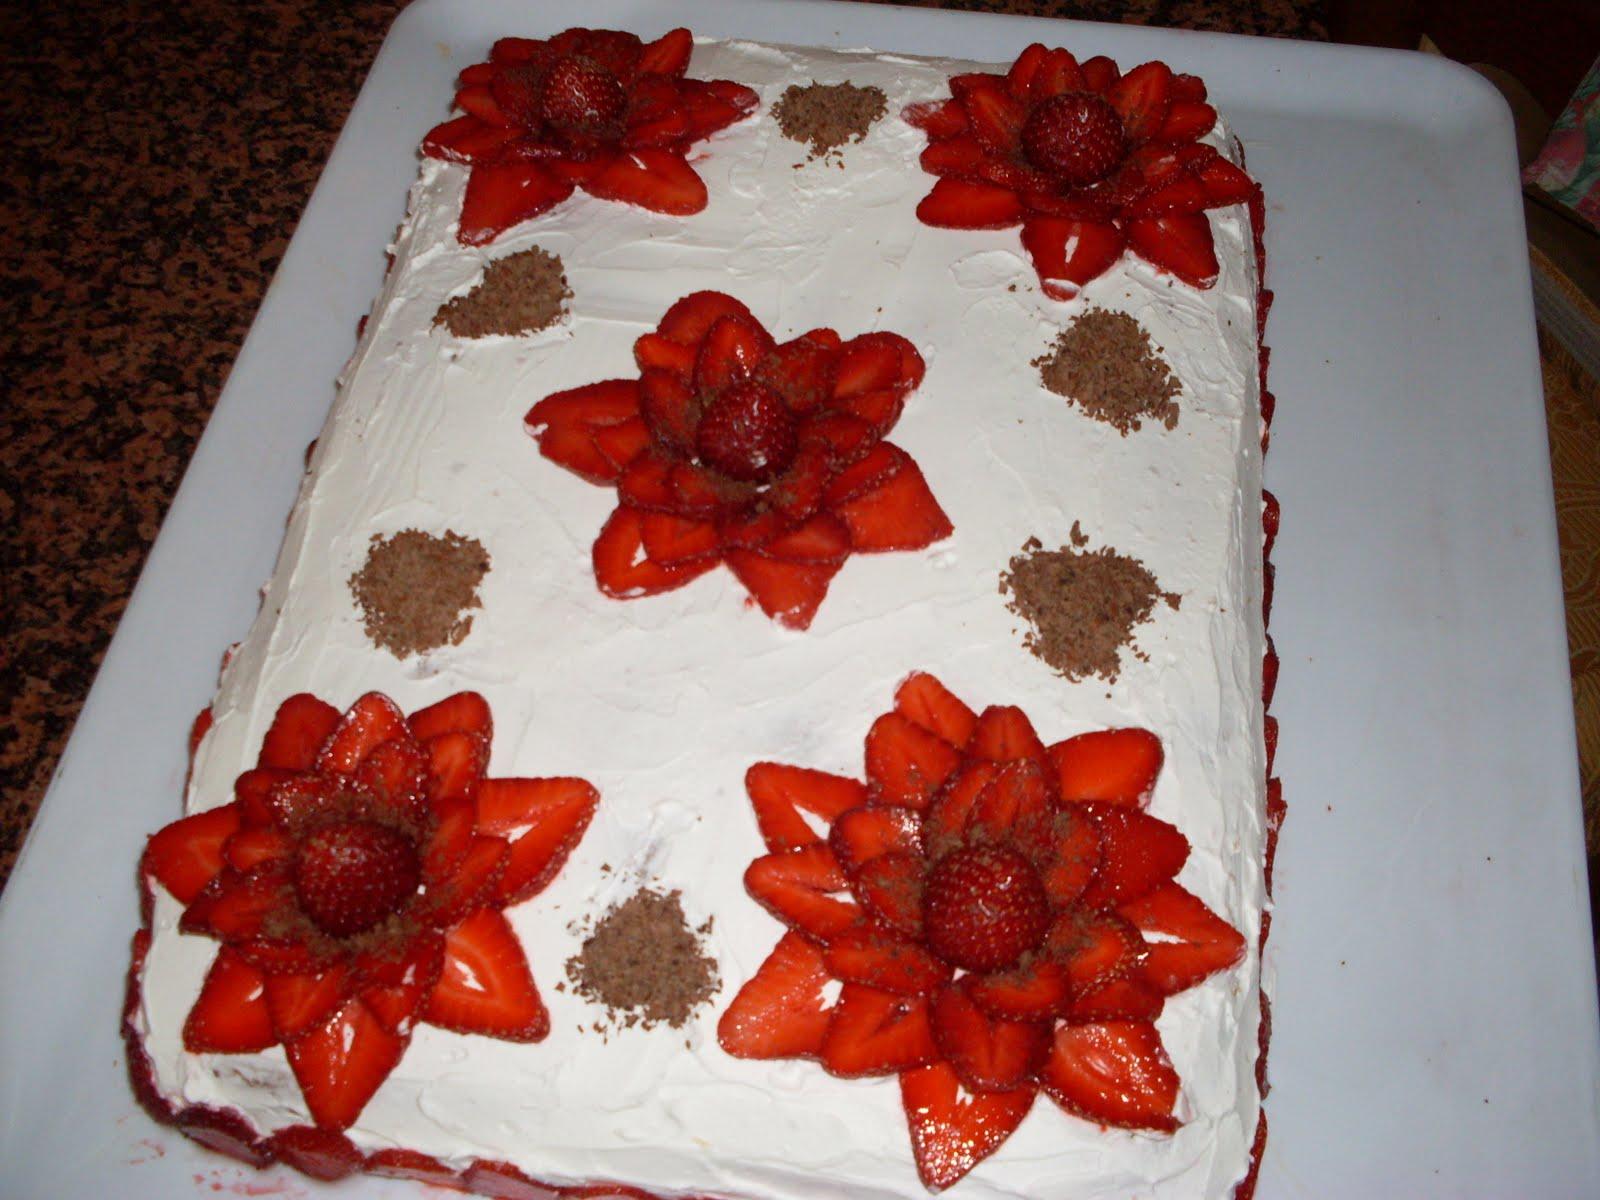 Alchimia di min torta fragolosa for Decorazioni torte con fragole e cioccolato